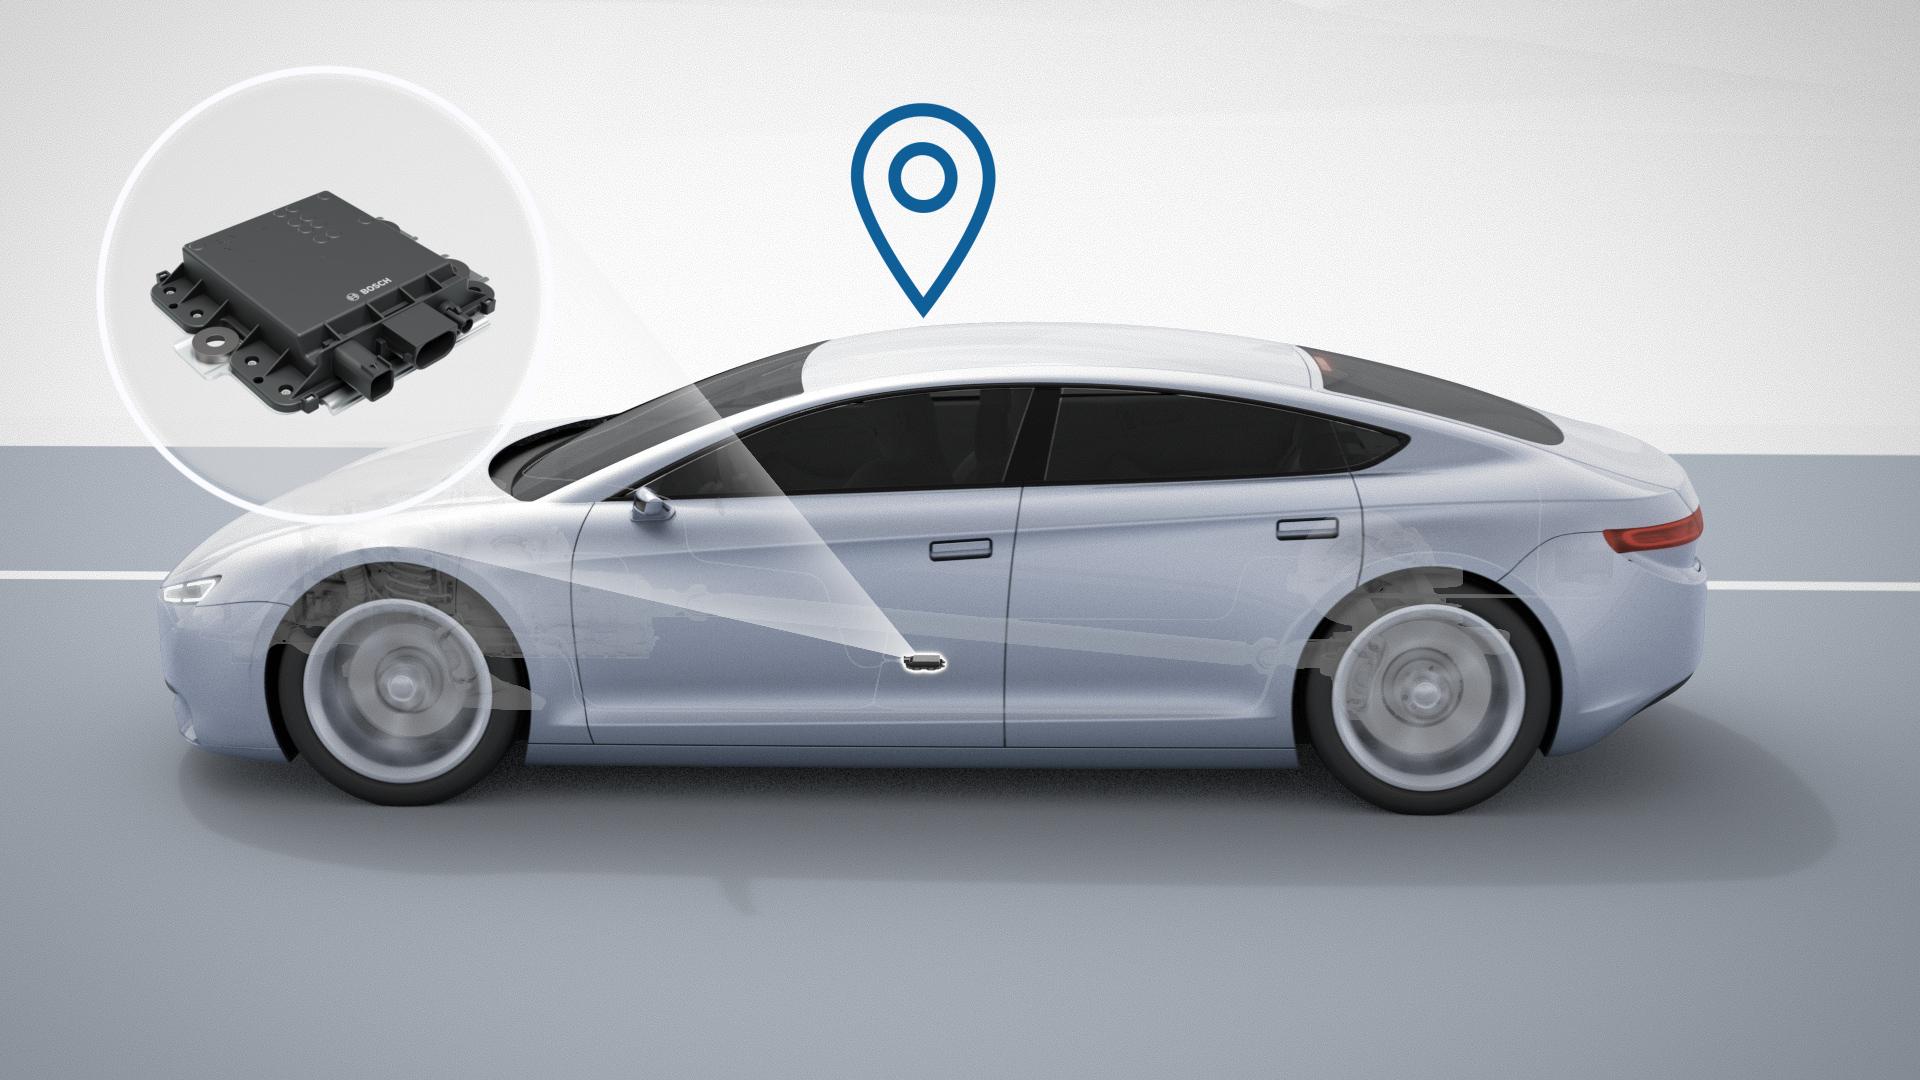 Guida autonoma sicura con Bosch:  la differenza è nei centimetri